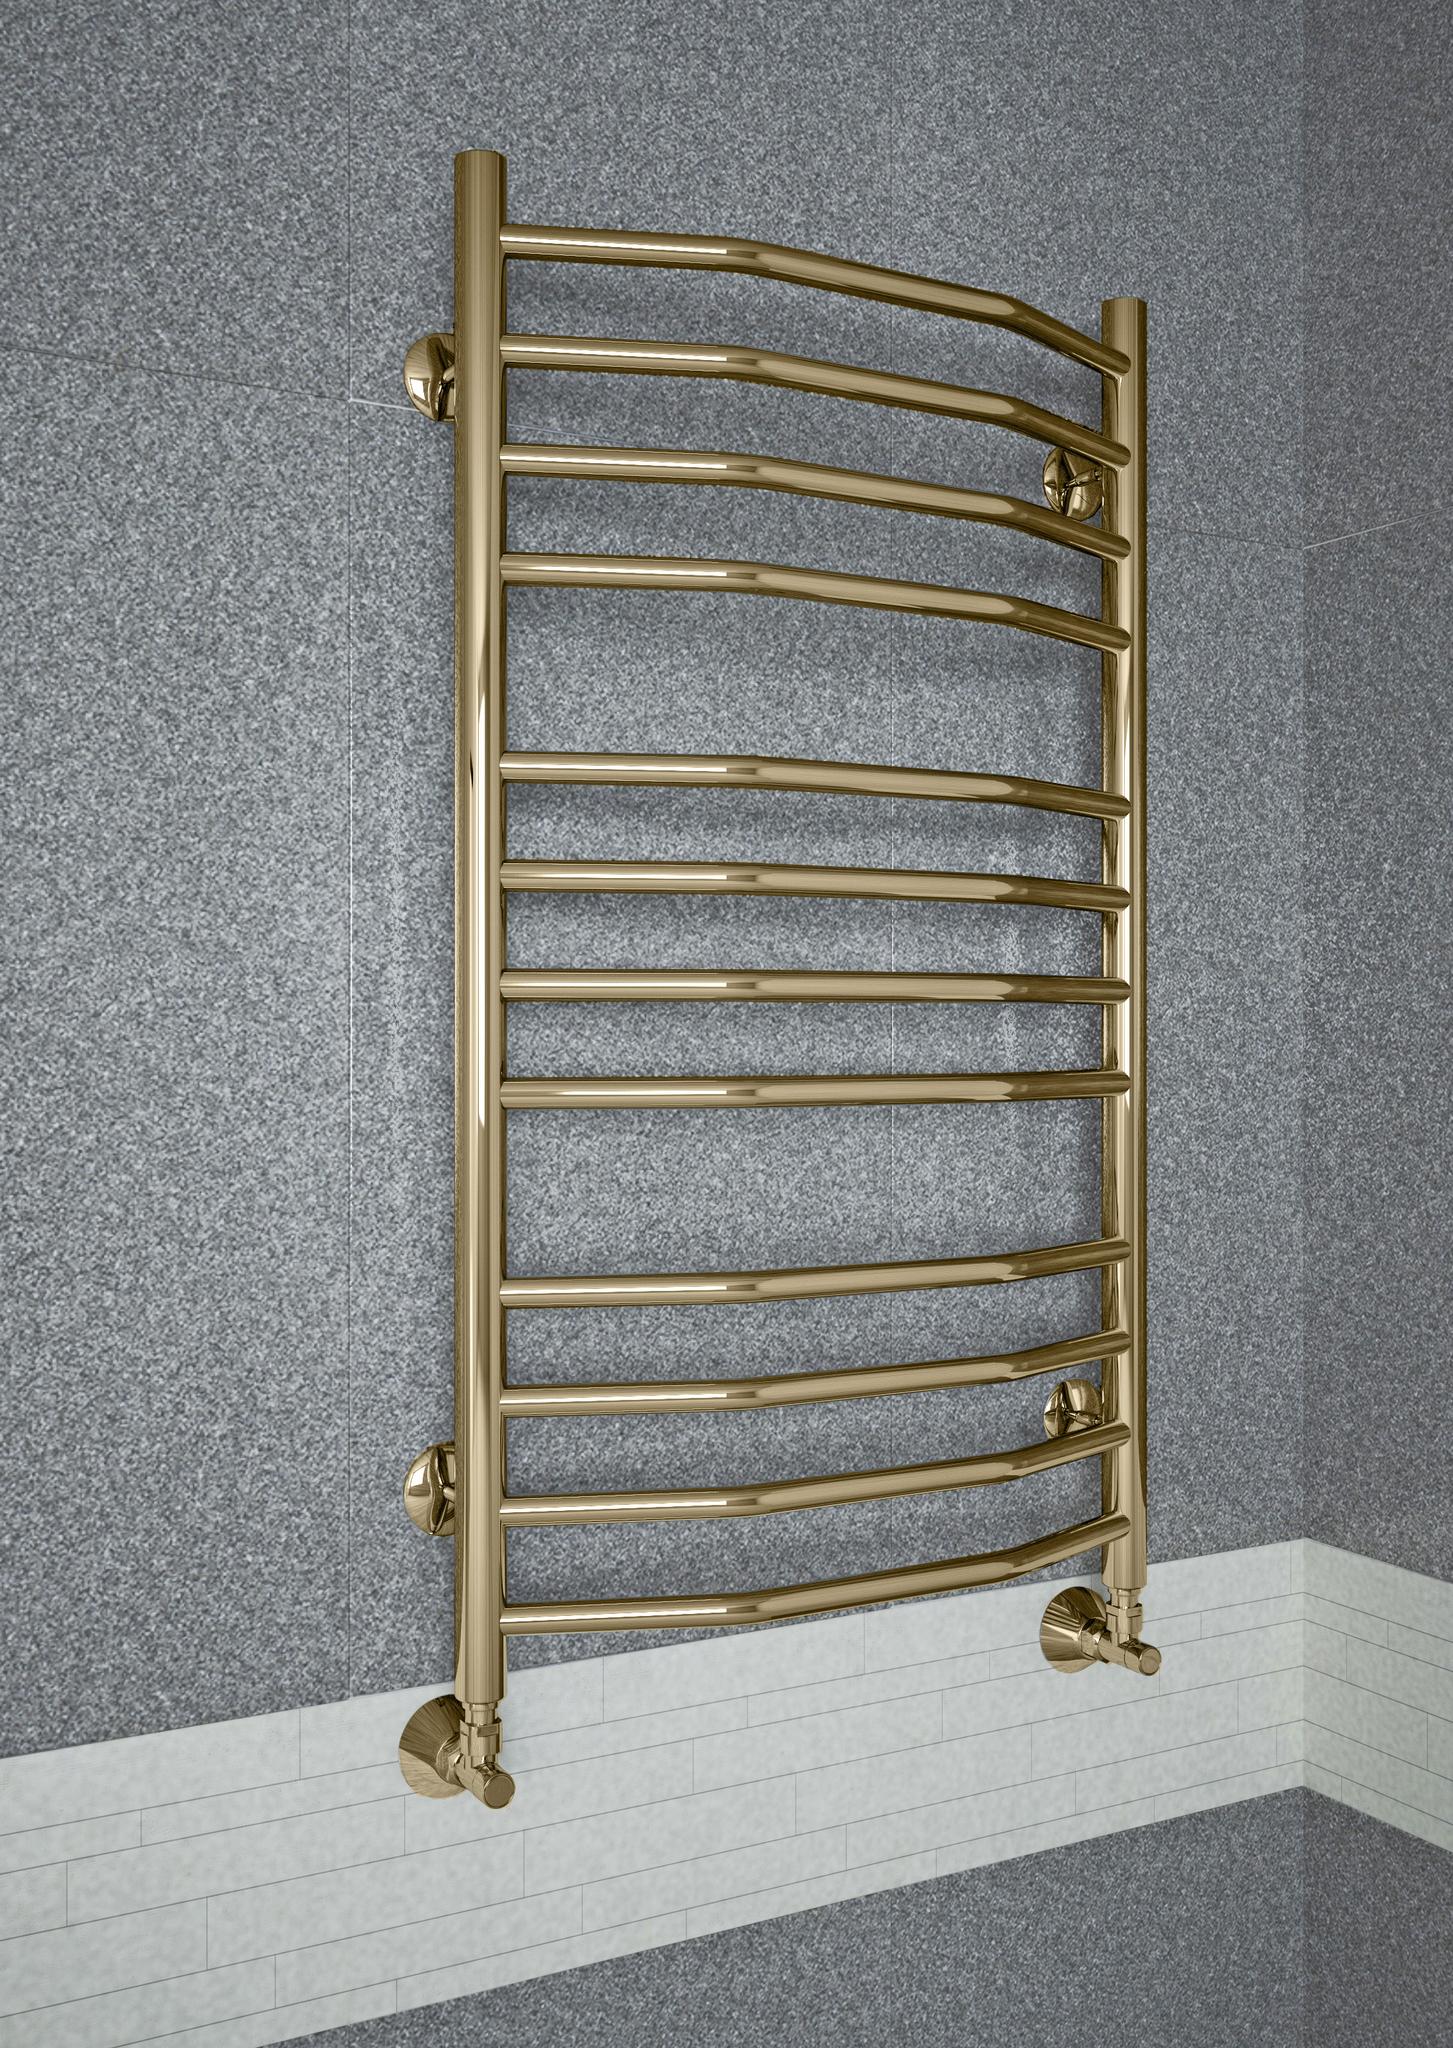 Victoria Bronze - бронзовый полотенцесушитель.Бронза